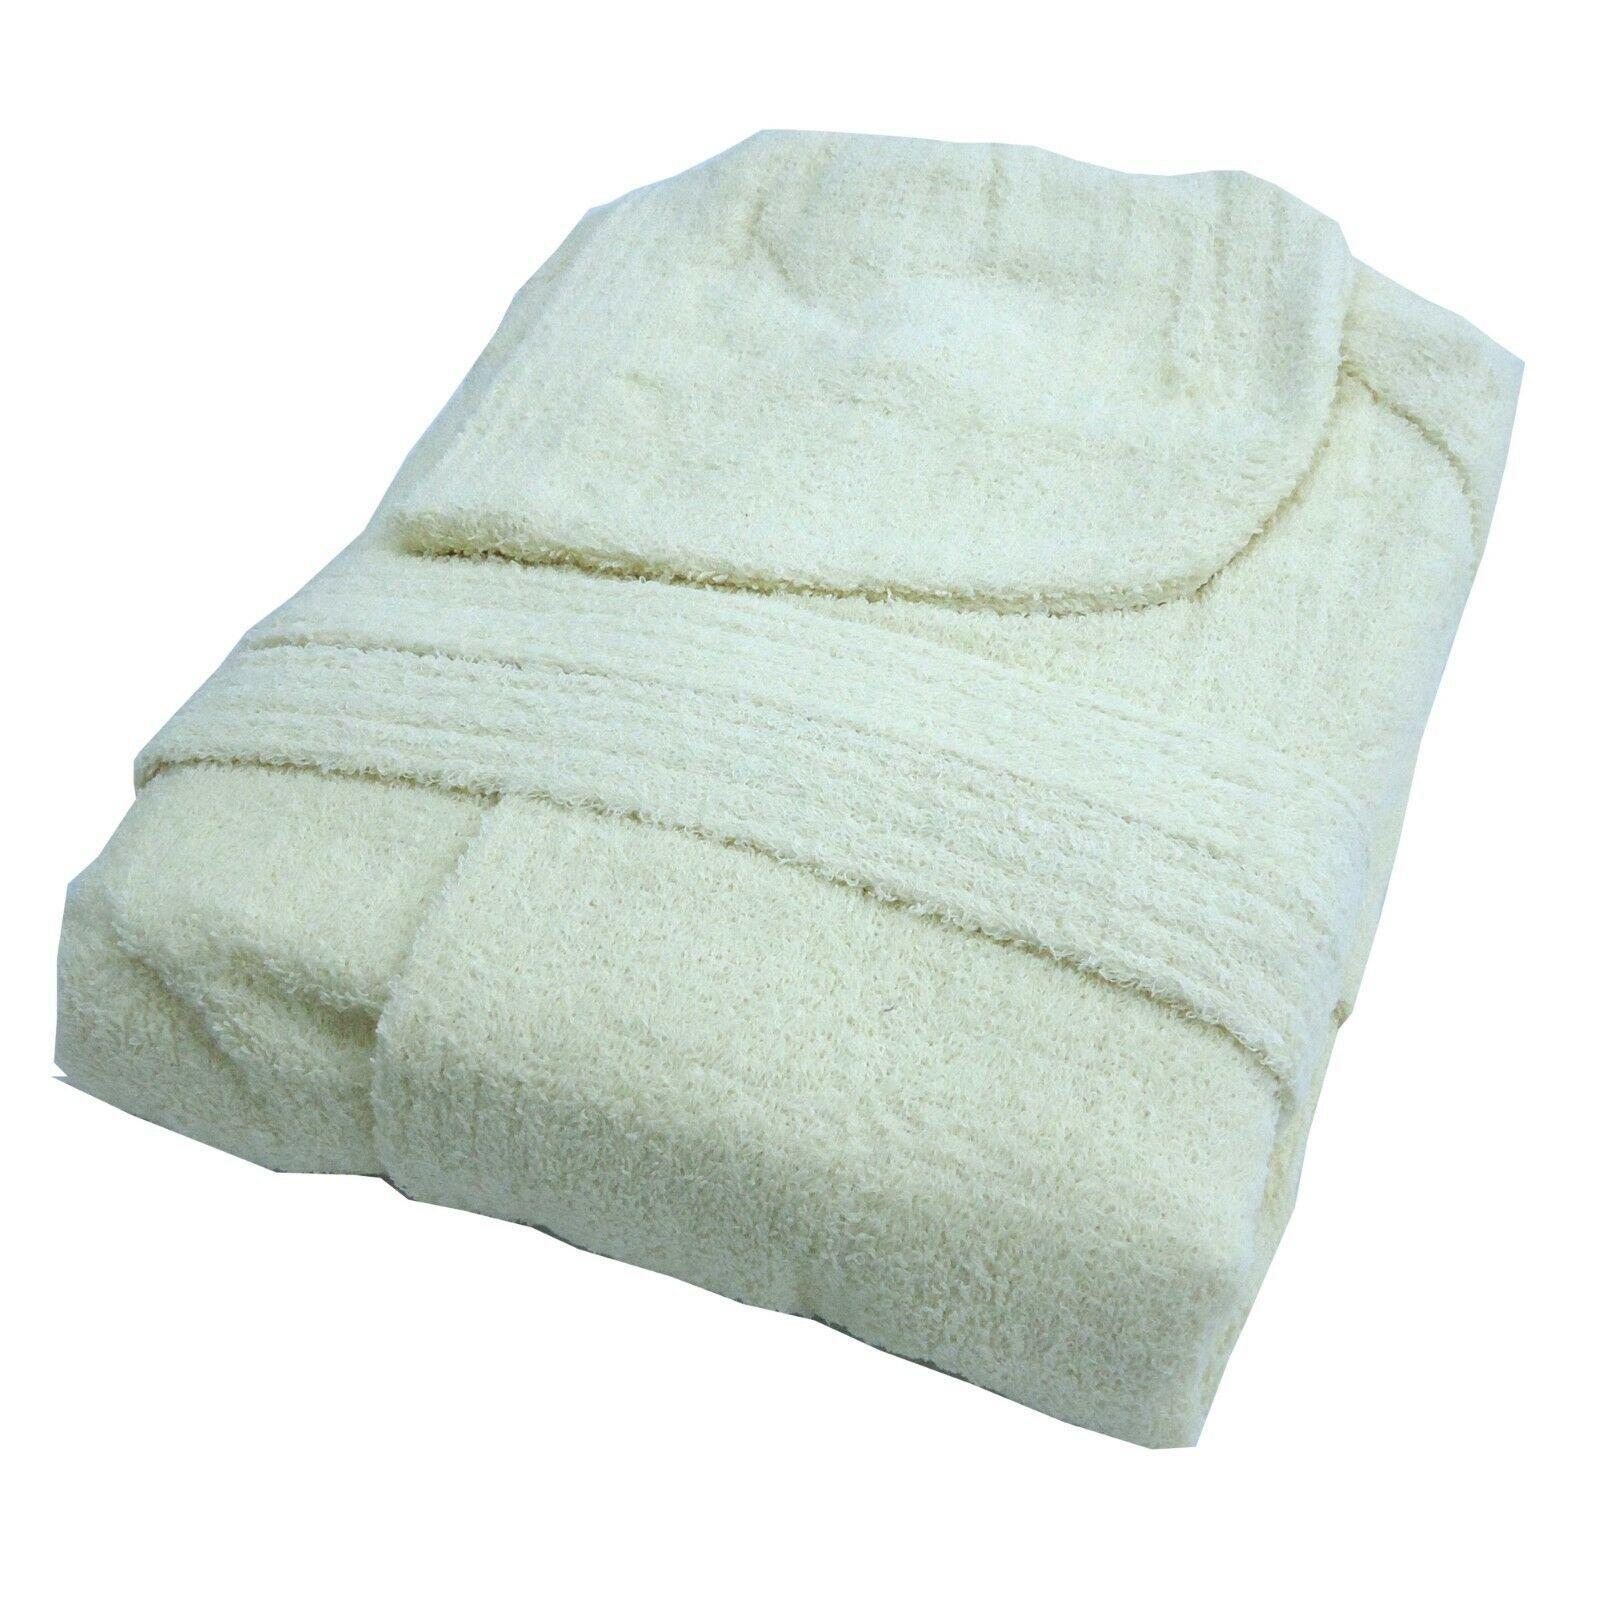 L Accappatoio bianco con Cappuccio in Spugna 100/% Cotone Tinta Unita Uomo Donna Unisex